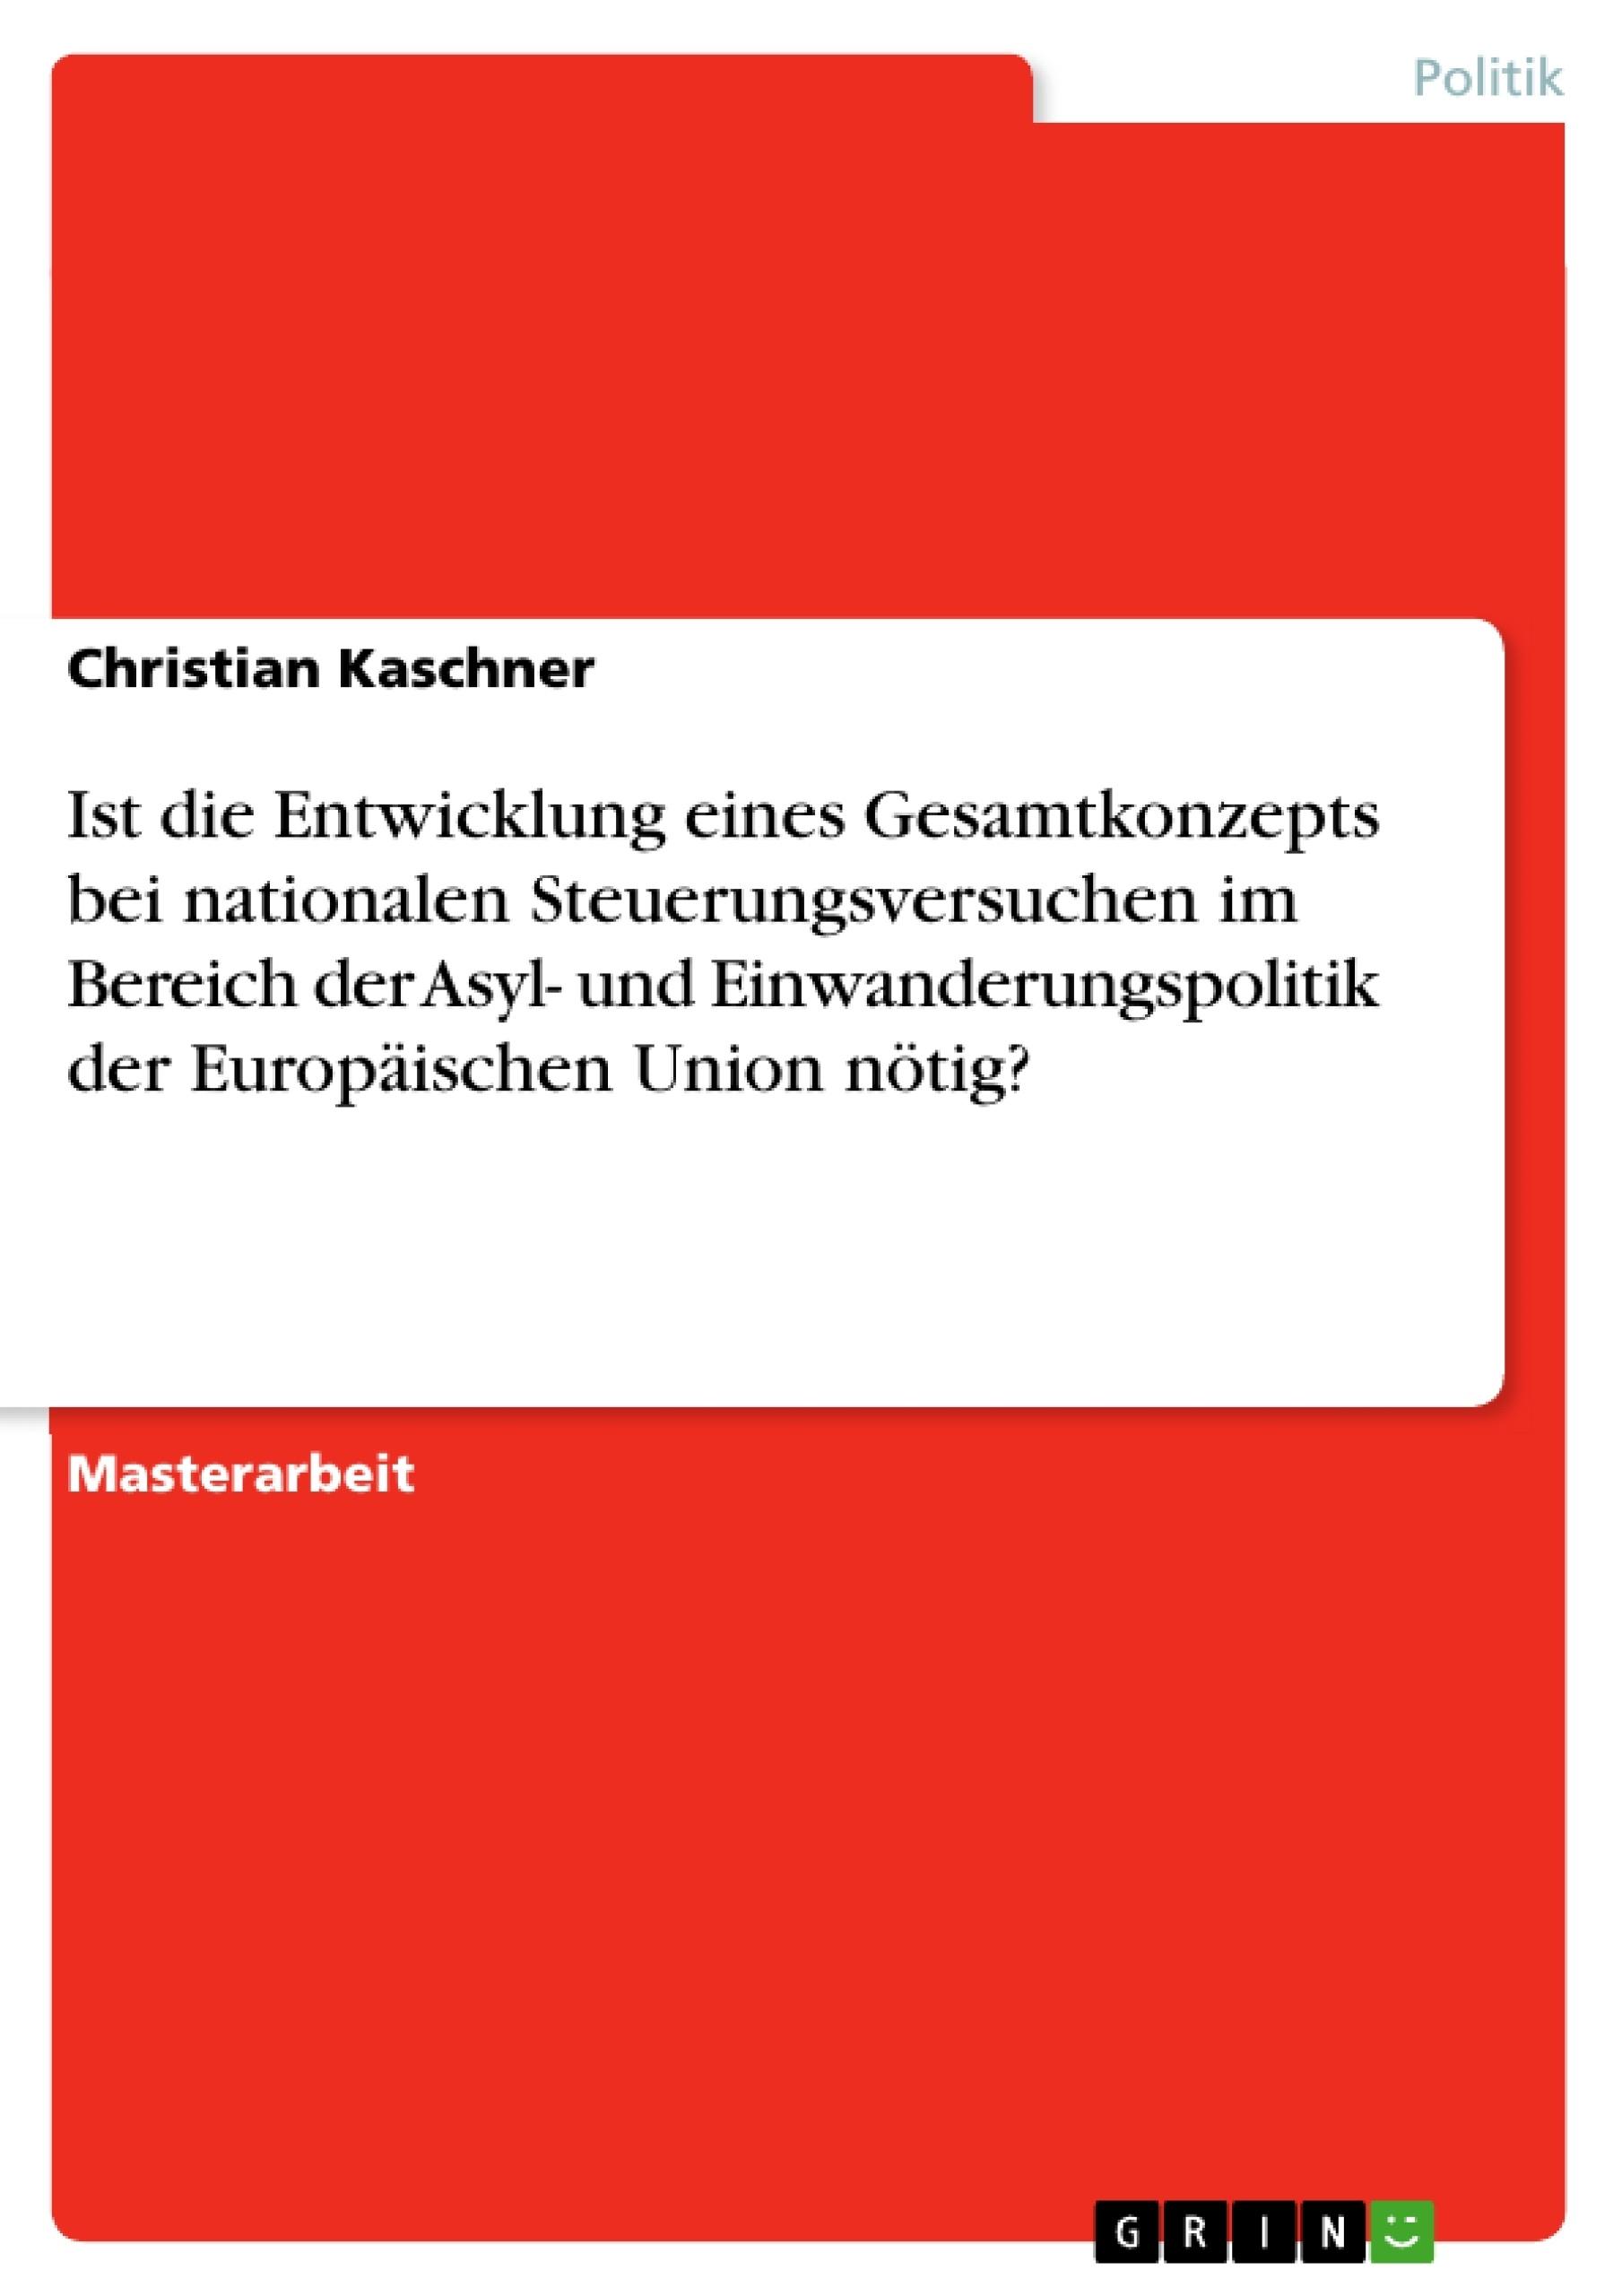 Titel: Ist die Entwicklung eines Gesamtkonzepts bei nationalen Steuerungsversuchen im Bereich der Asyl- und Einwanderungspolitik der Europäischen Union nötig?